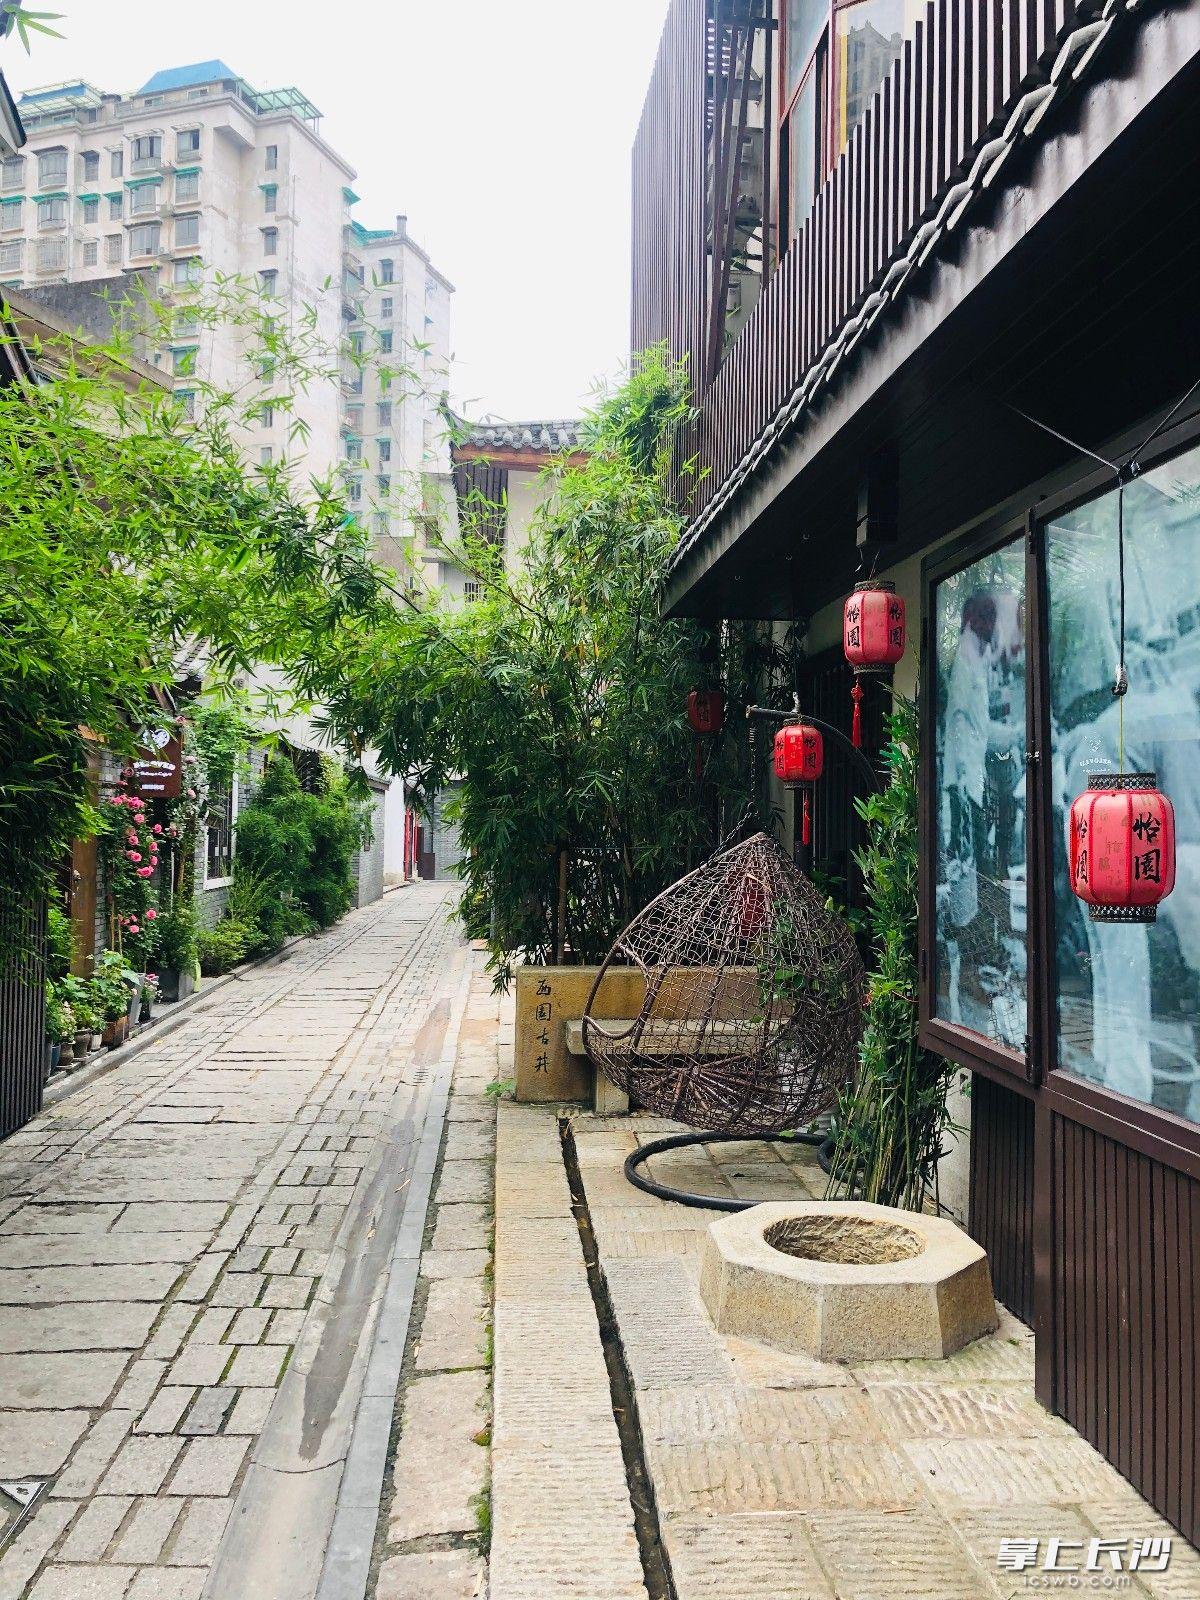 西园古井在位于湘春路西园北里入口处。